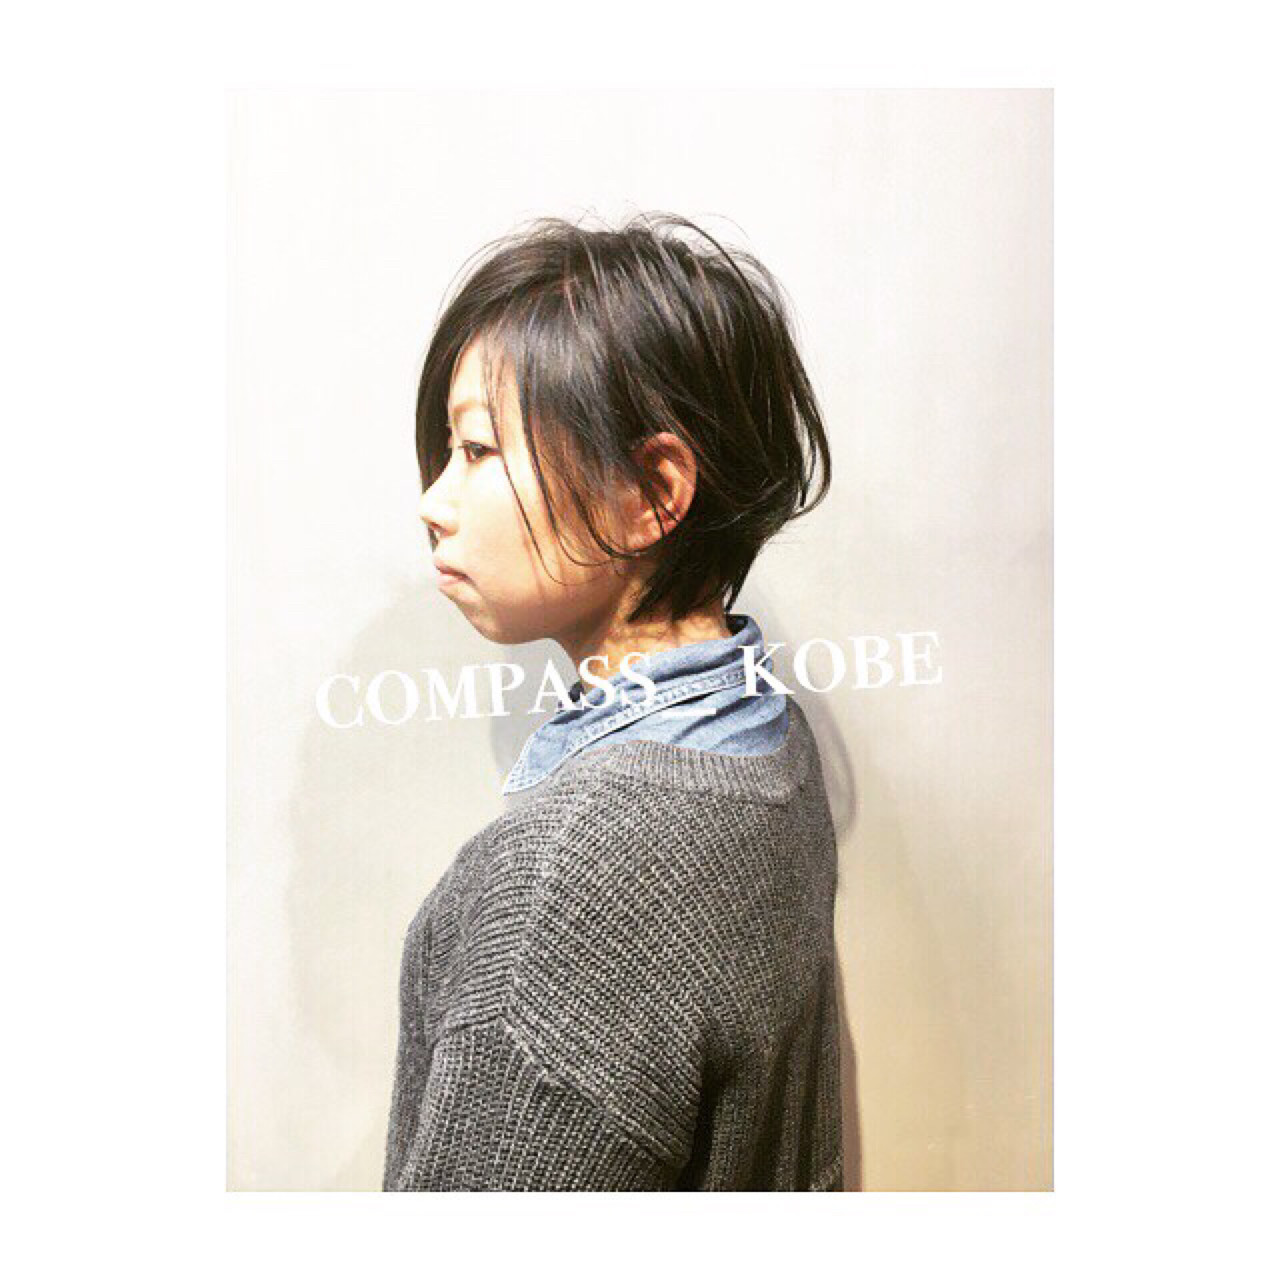 ワイドバング ナチュラル ショート アッシュ ヘアスタイルや髪型の写真・画像   COM PASS 太一 / COM PASS